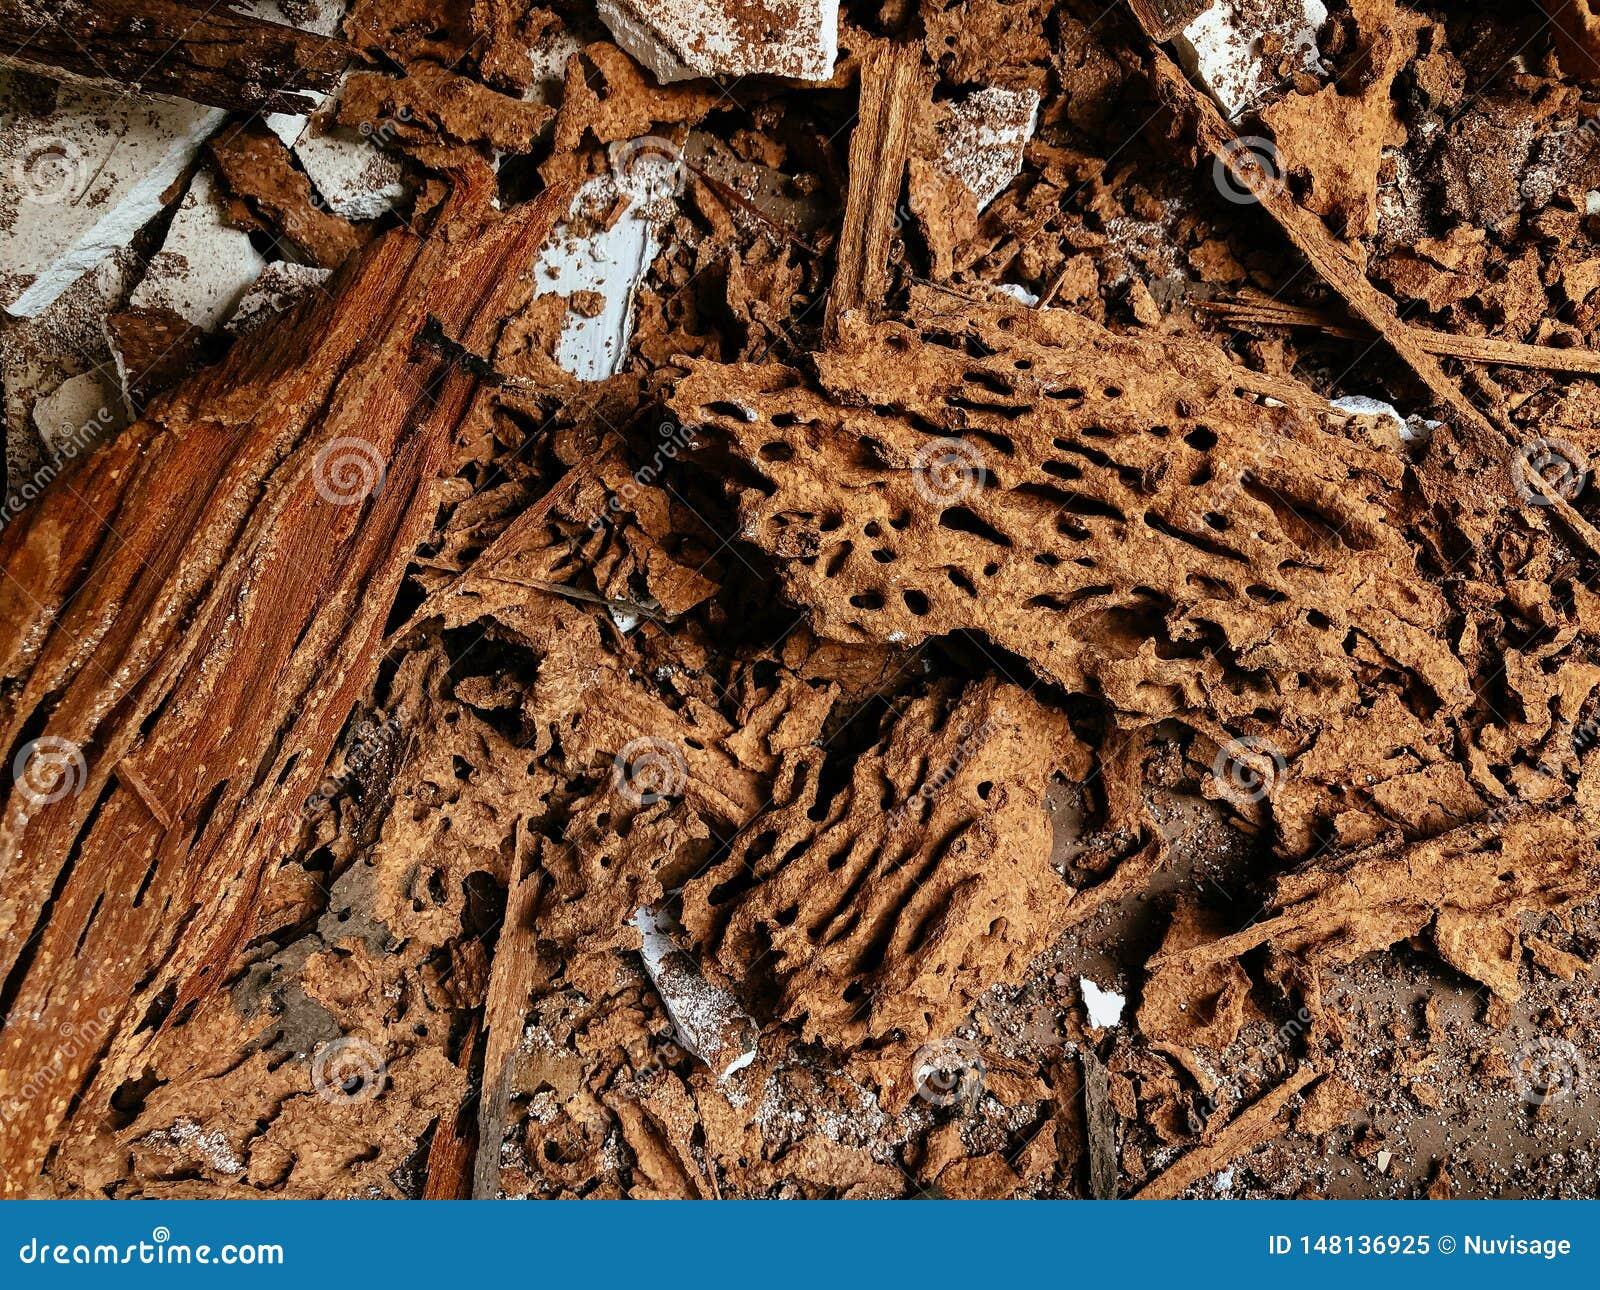 Termite Damaged Wood Pile Close Up Detail Construction Pest Control Problem Stock Image Image Of Destructive Structure 148136925